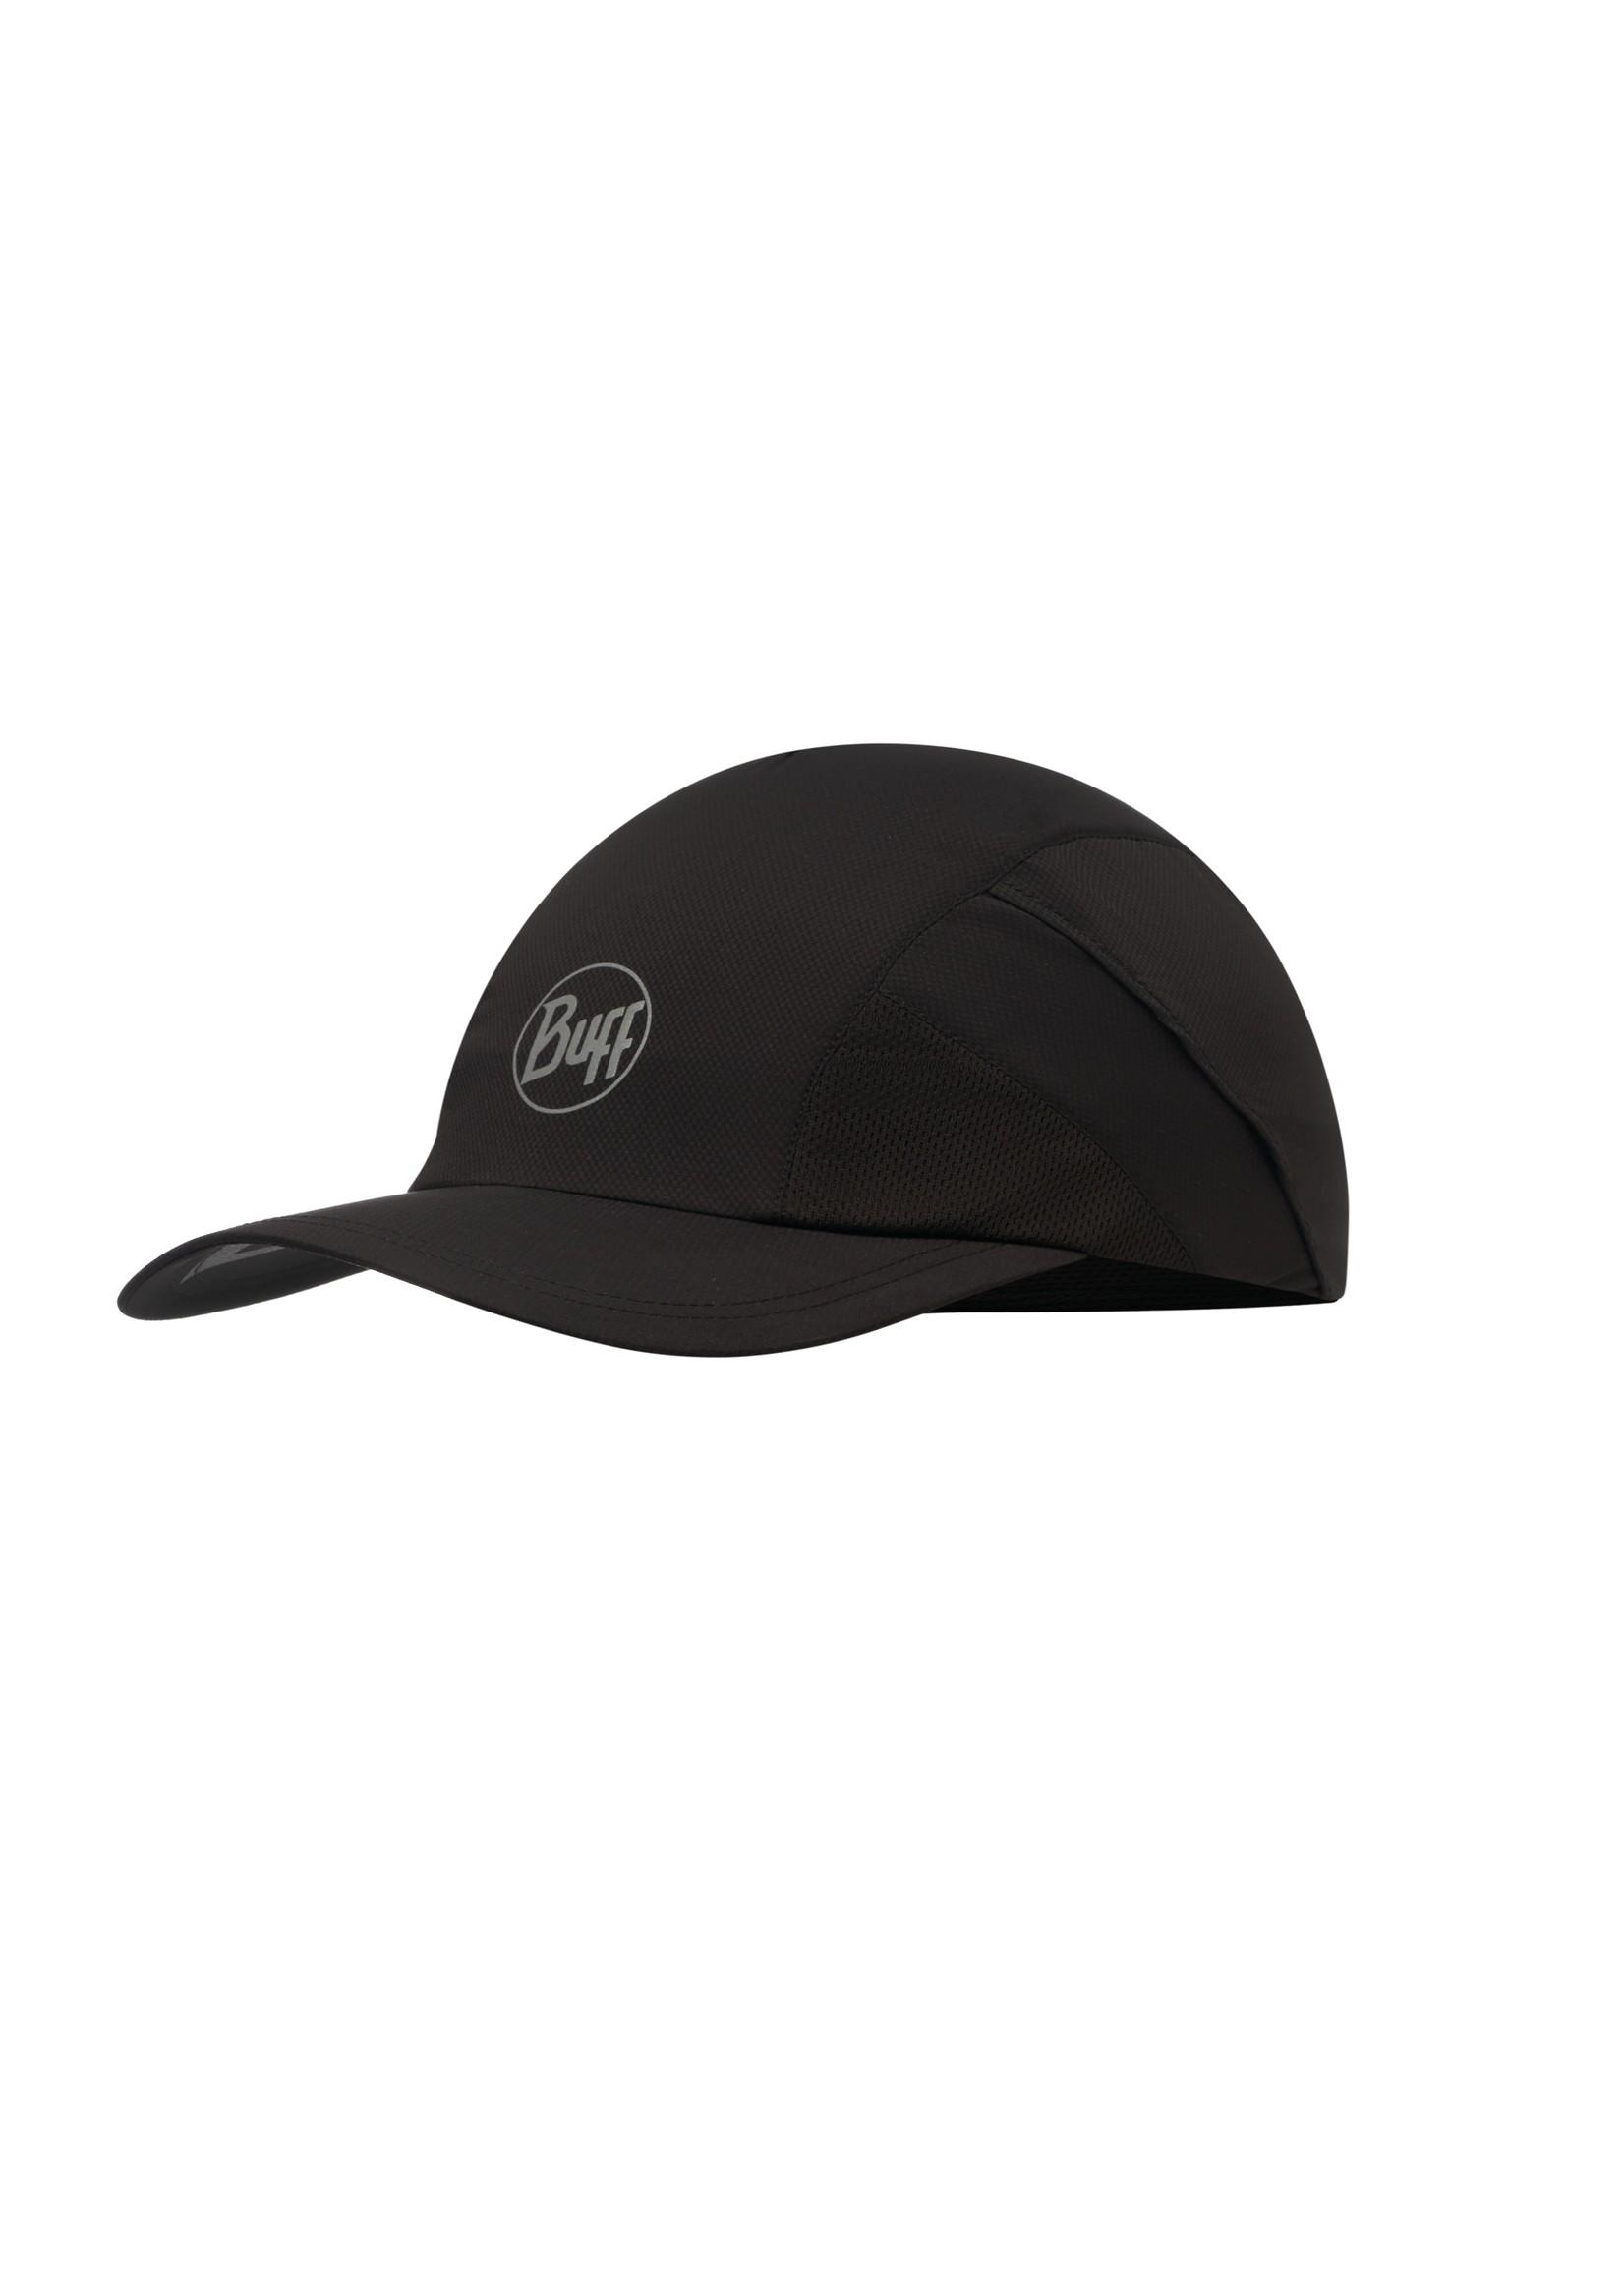 Buff PRO RUN CAP L/XL